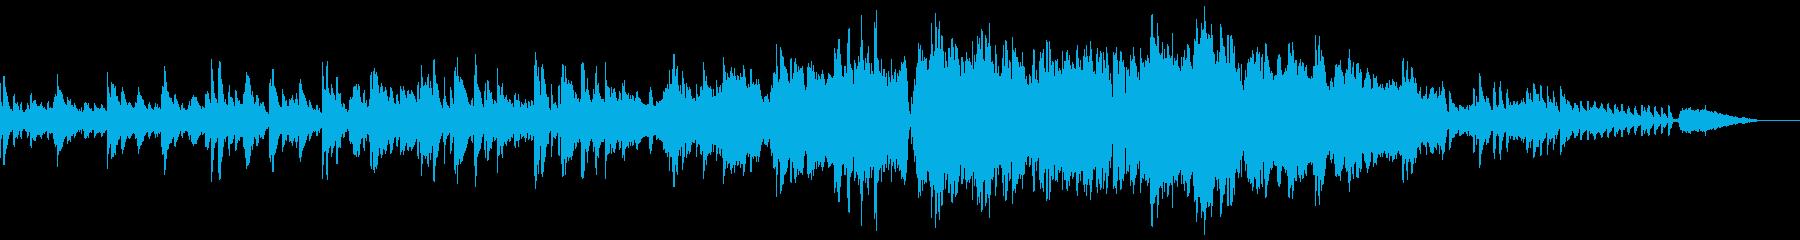 穏やかな日常BGMの再生済みの波形